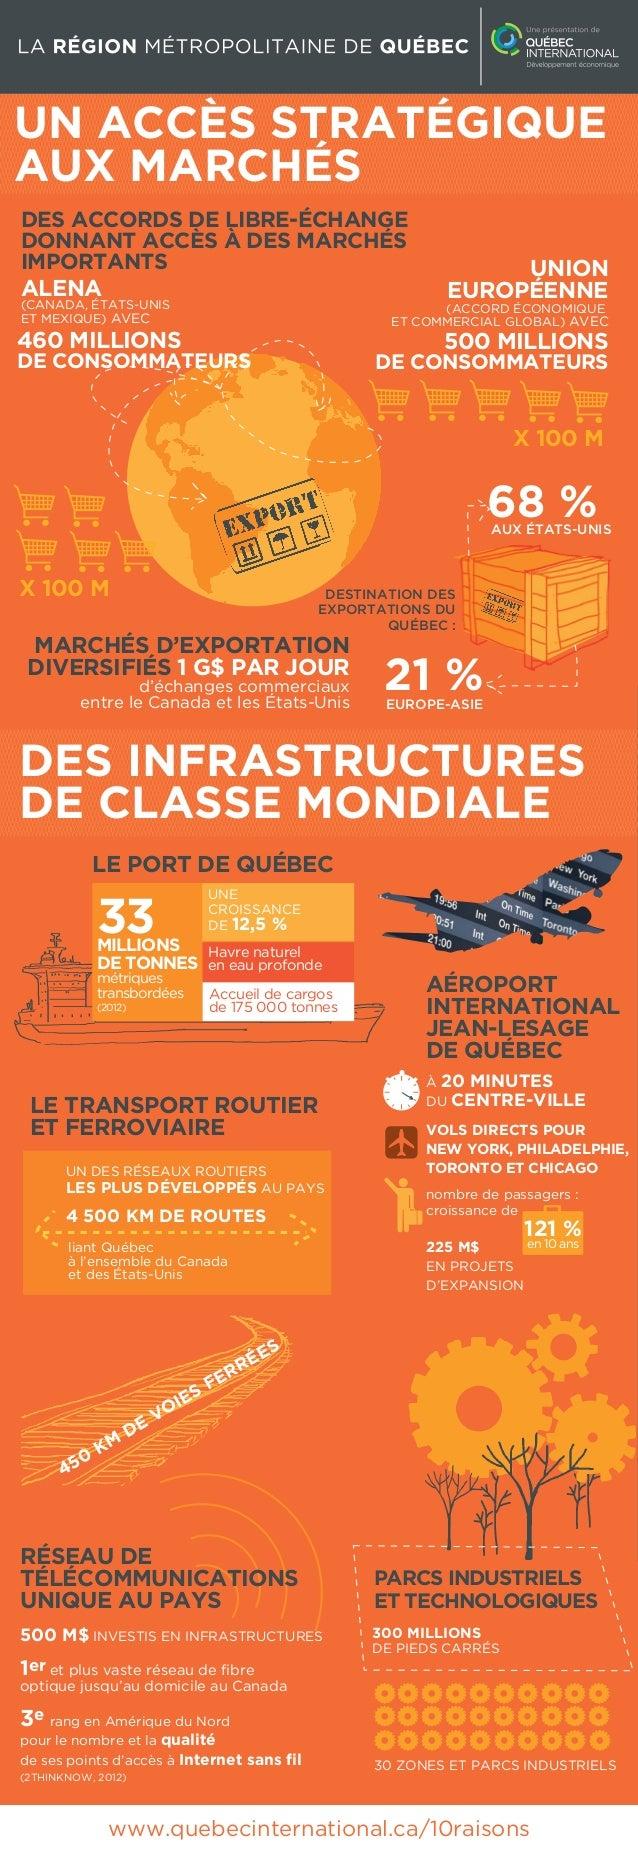 La région métropolitaine de Québec : un accès stratégique aux marchés